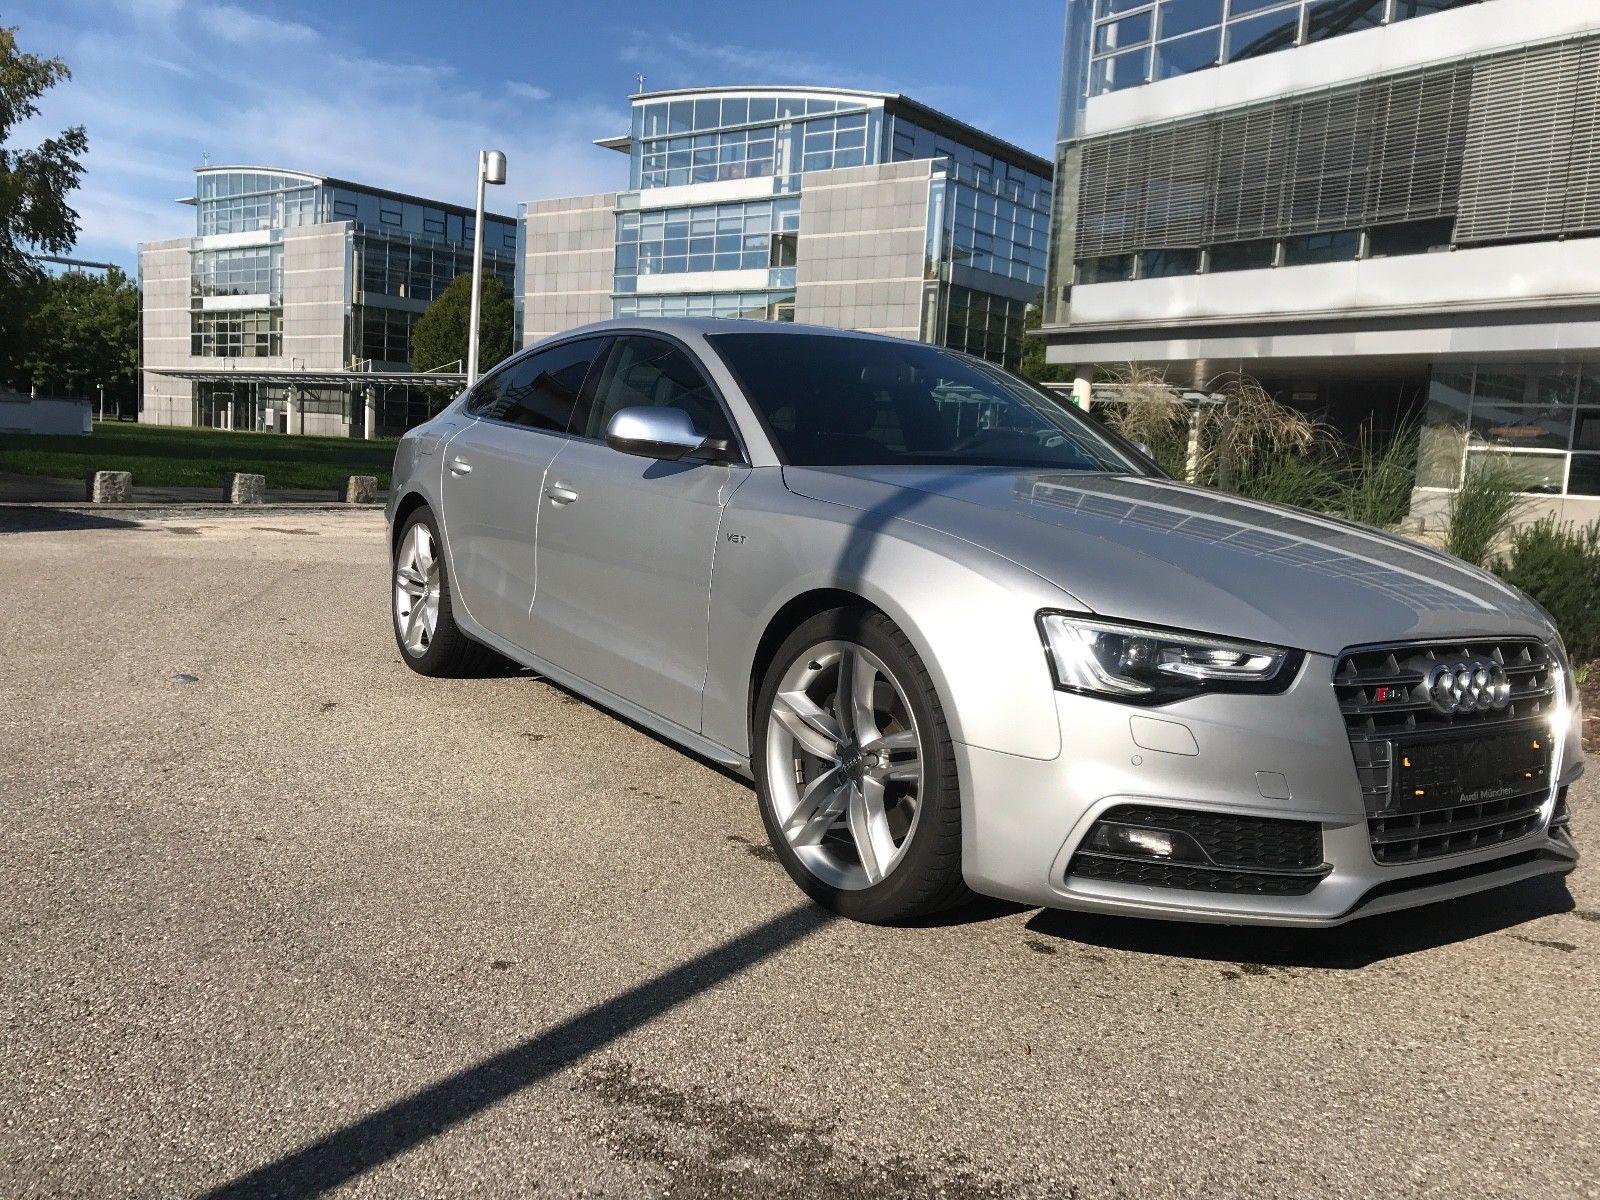 Покупка на кола от Германия - Audi S5 Sportback 2013 3.0 TFSI 333 к.с. Quattro - 33500 Evro - 06.10.2017 (7)